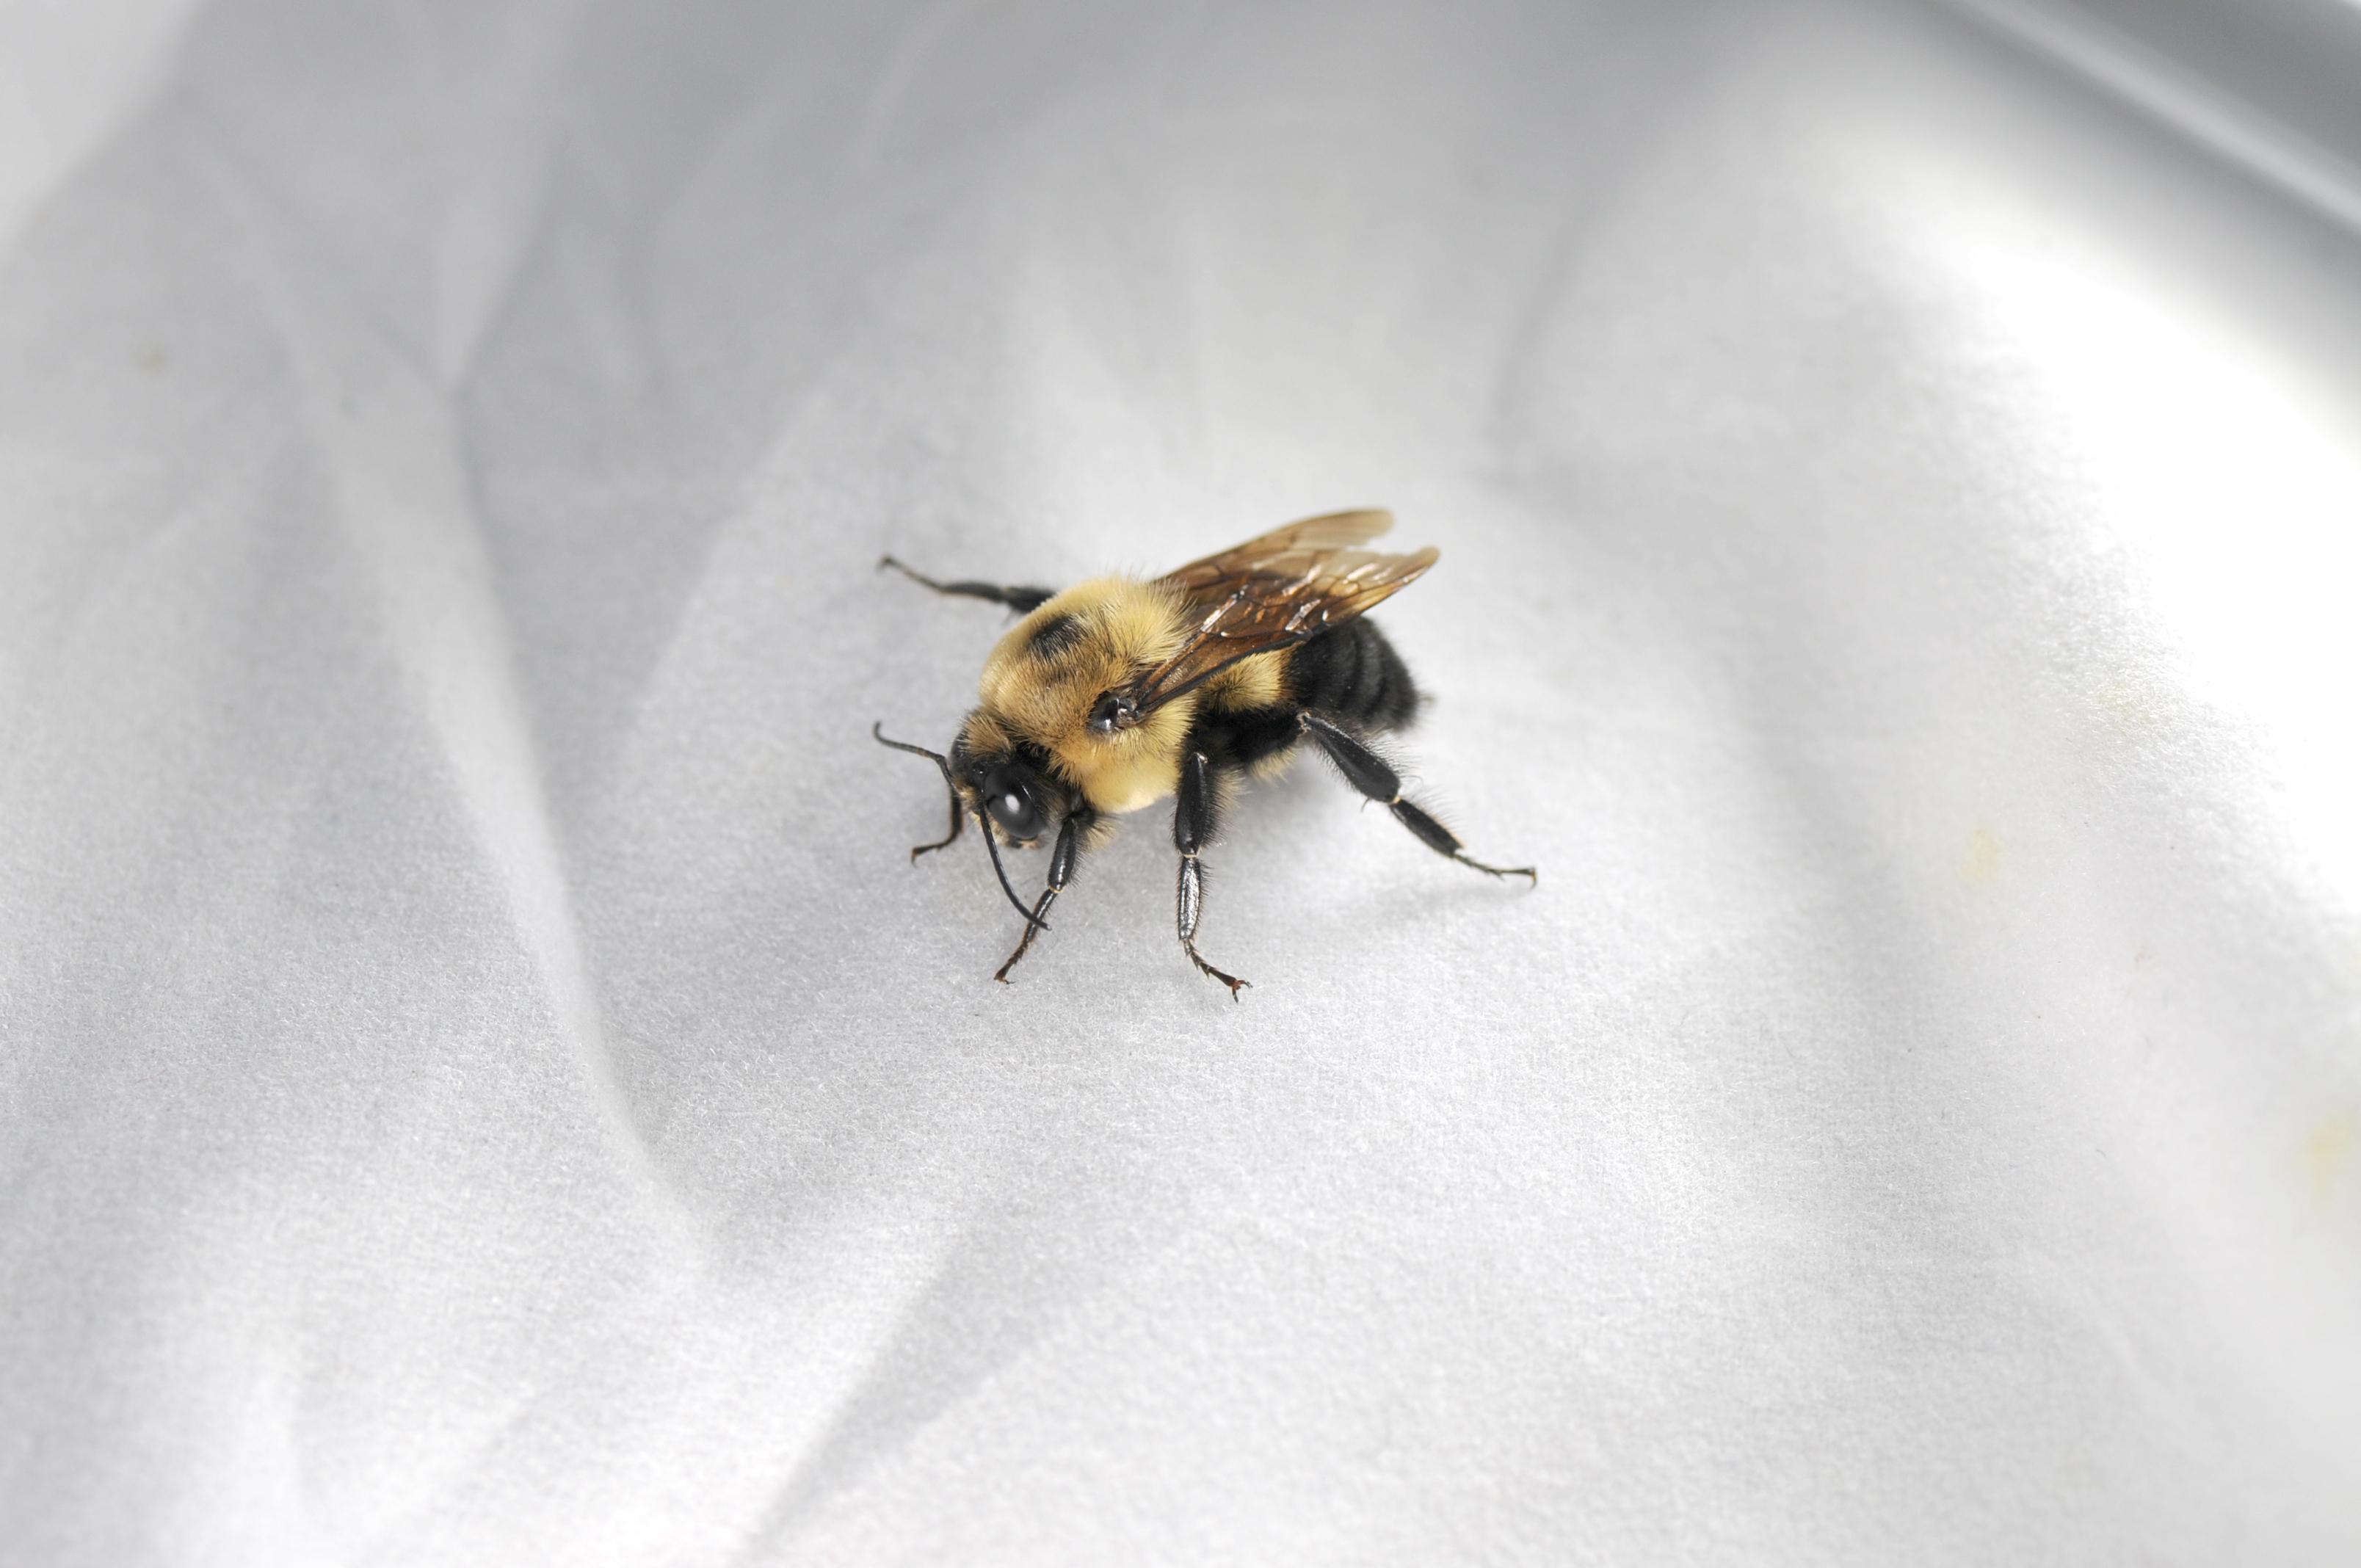 Male bumblebee